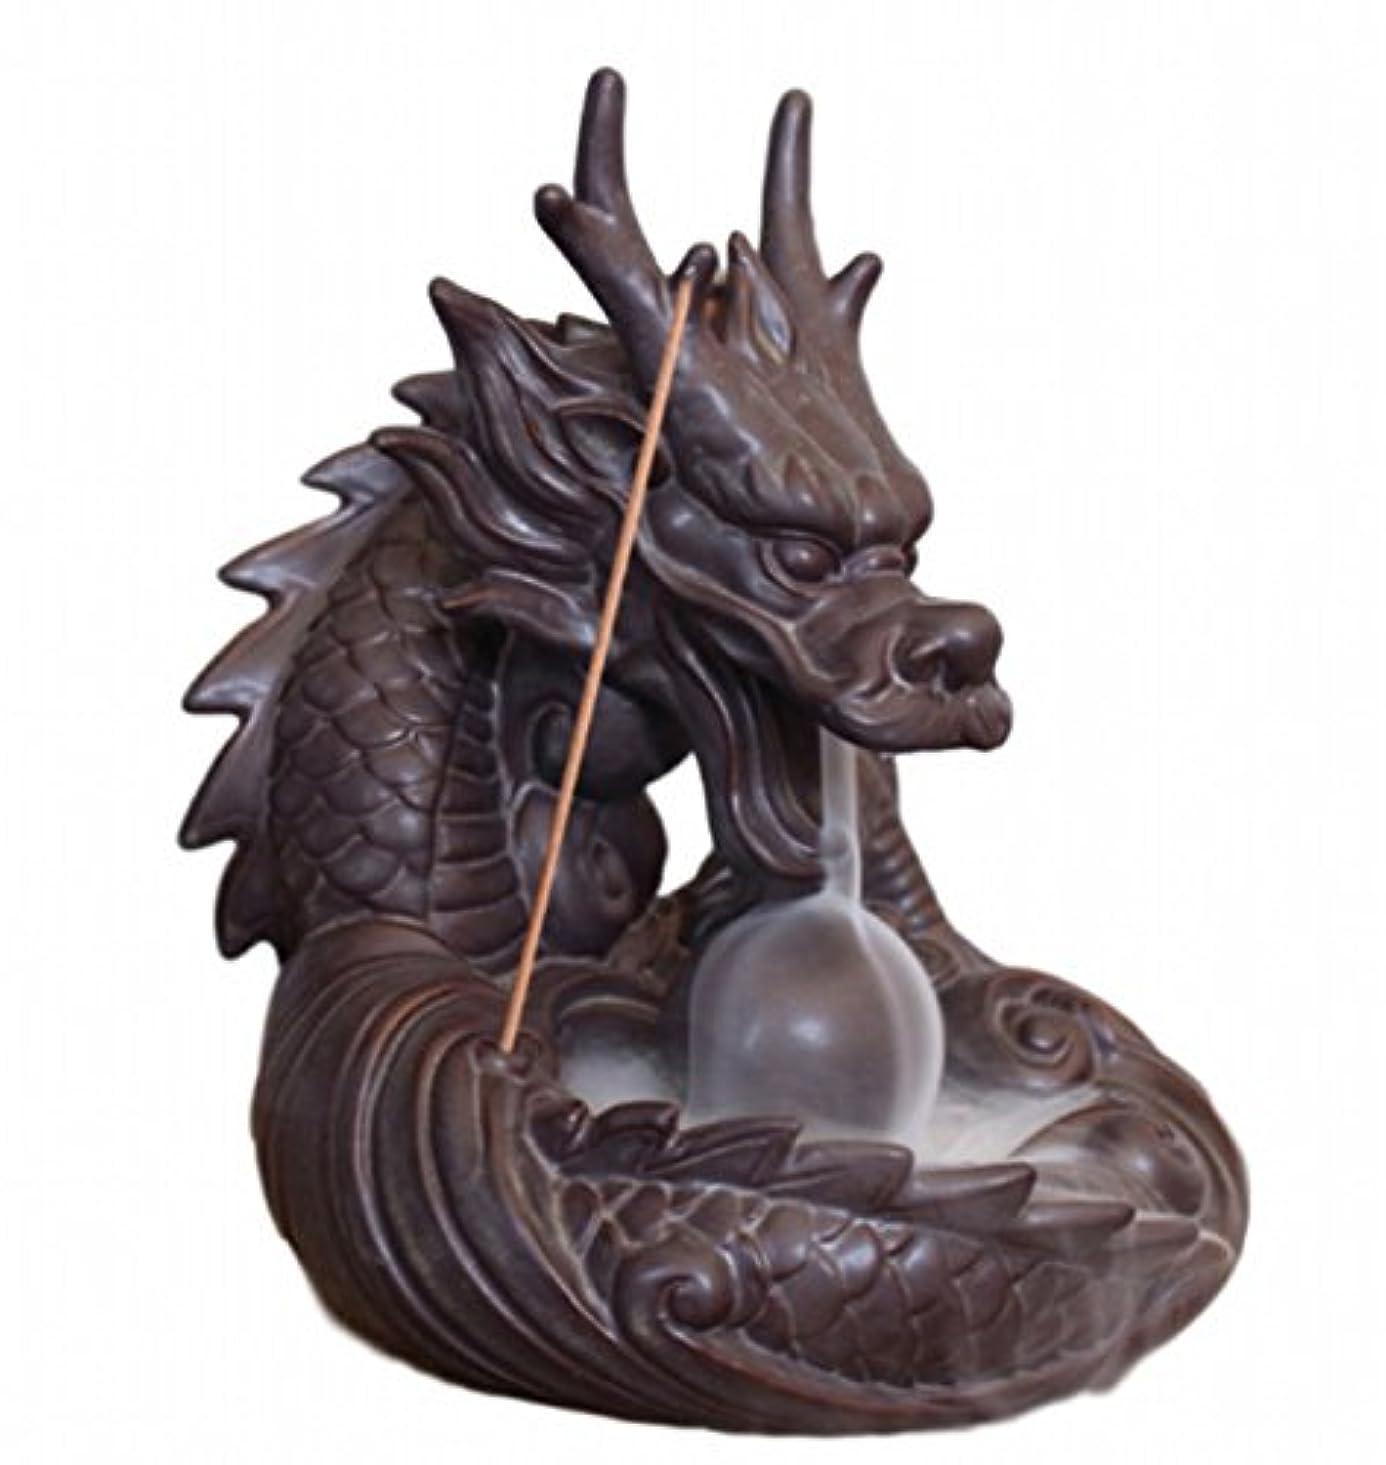 つま先視力栄養【Rurumiマーケット】不思議なお香 倒流香 用 香炉 ドラゴン お試しお香付き 流川香 陶器製 (ドラゴンB)